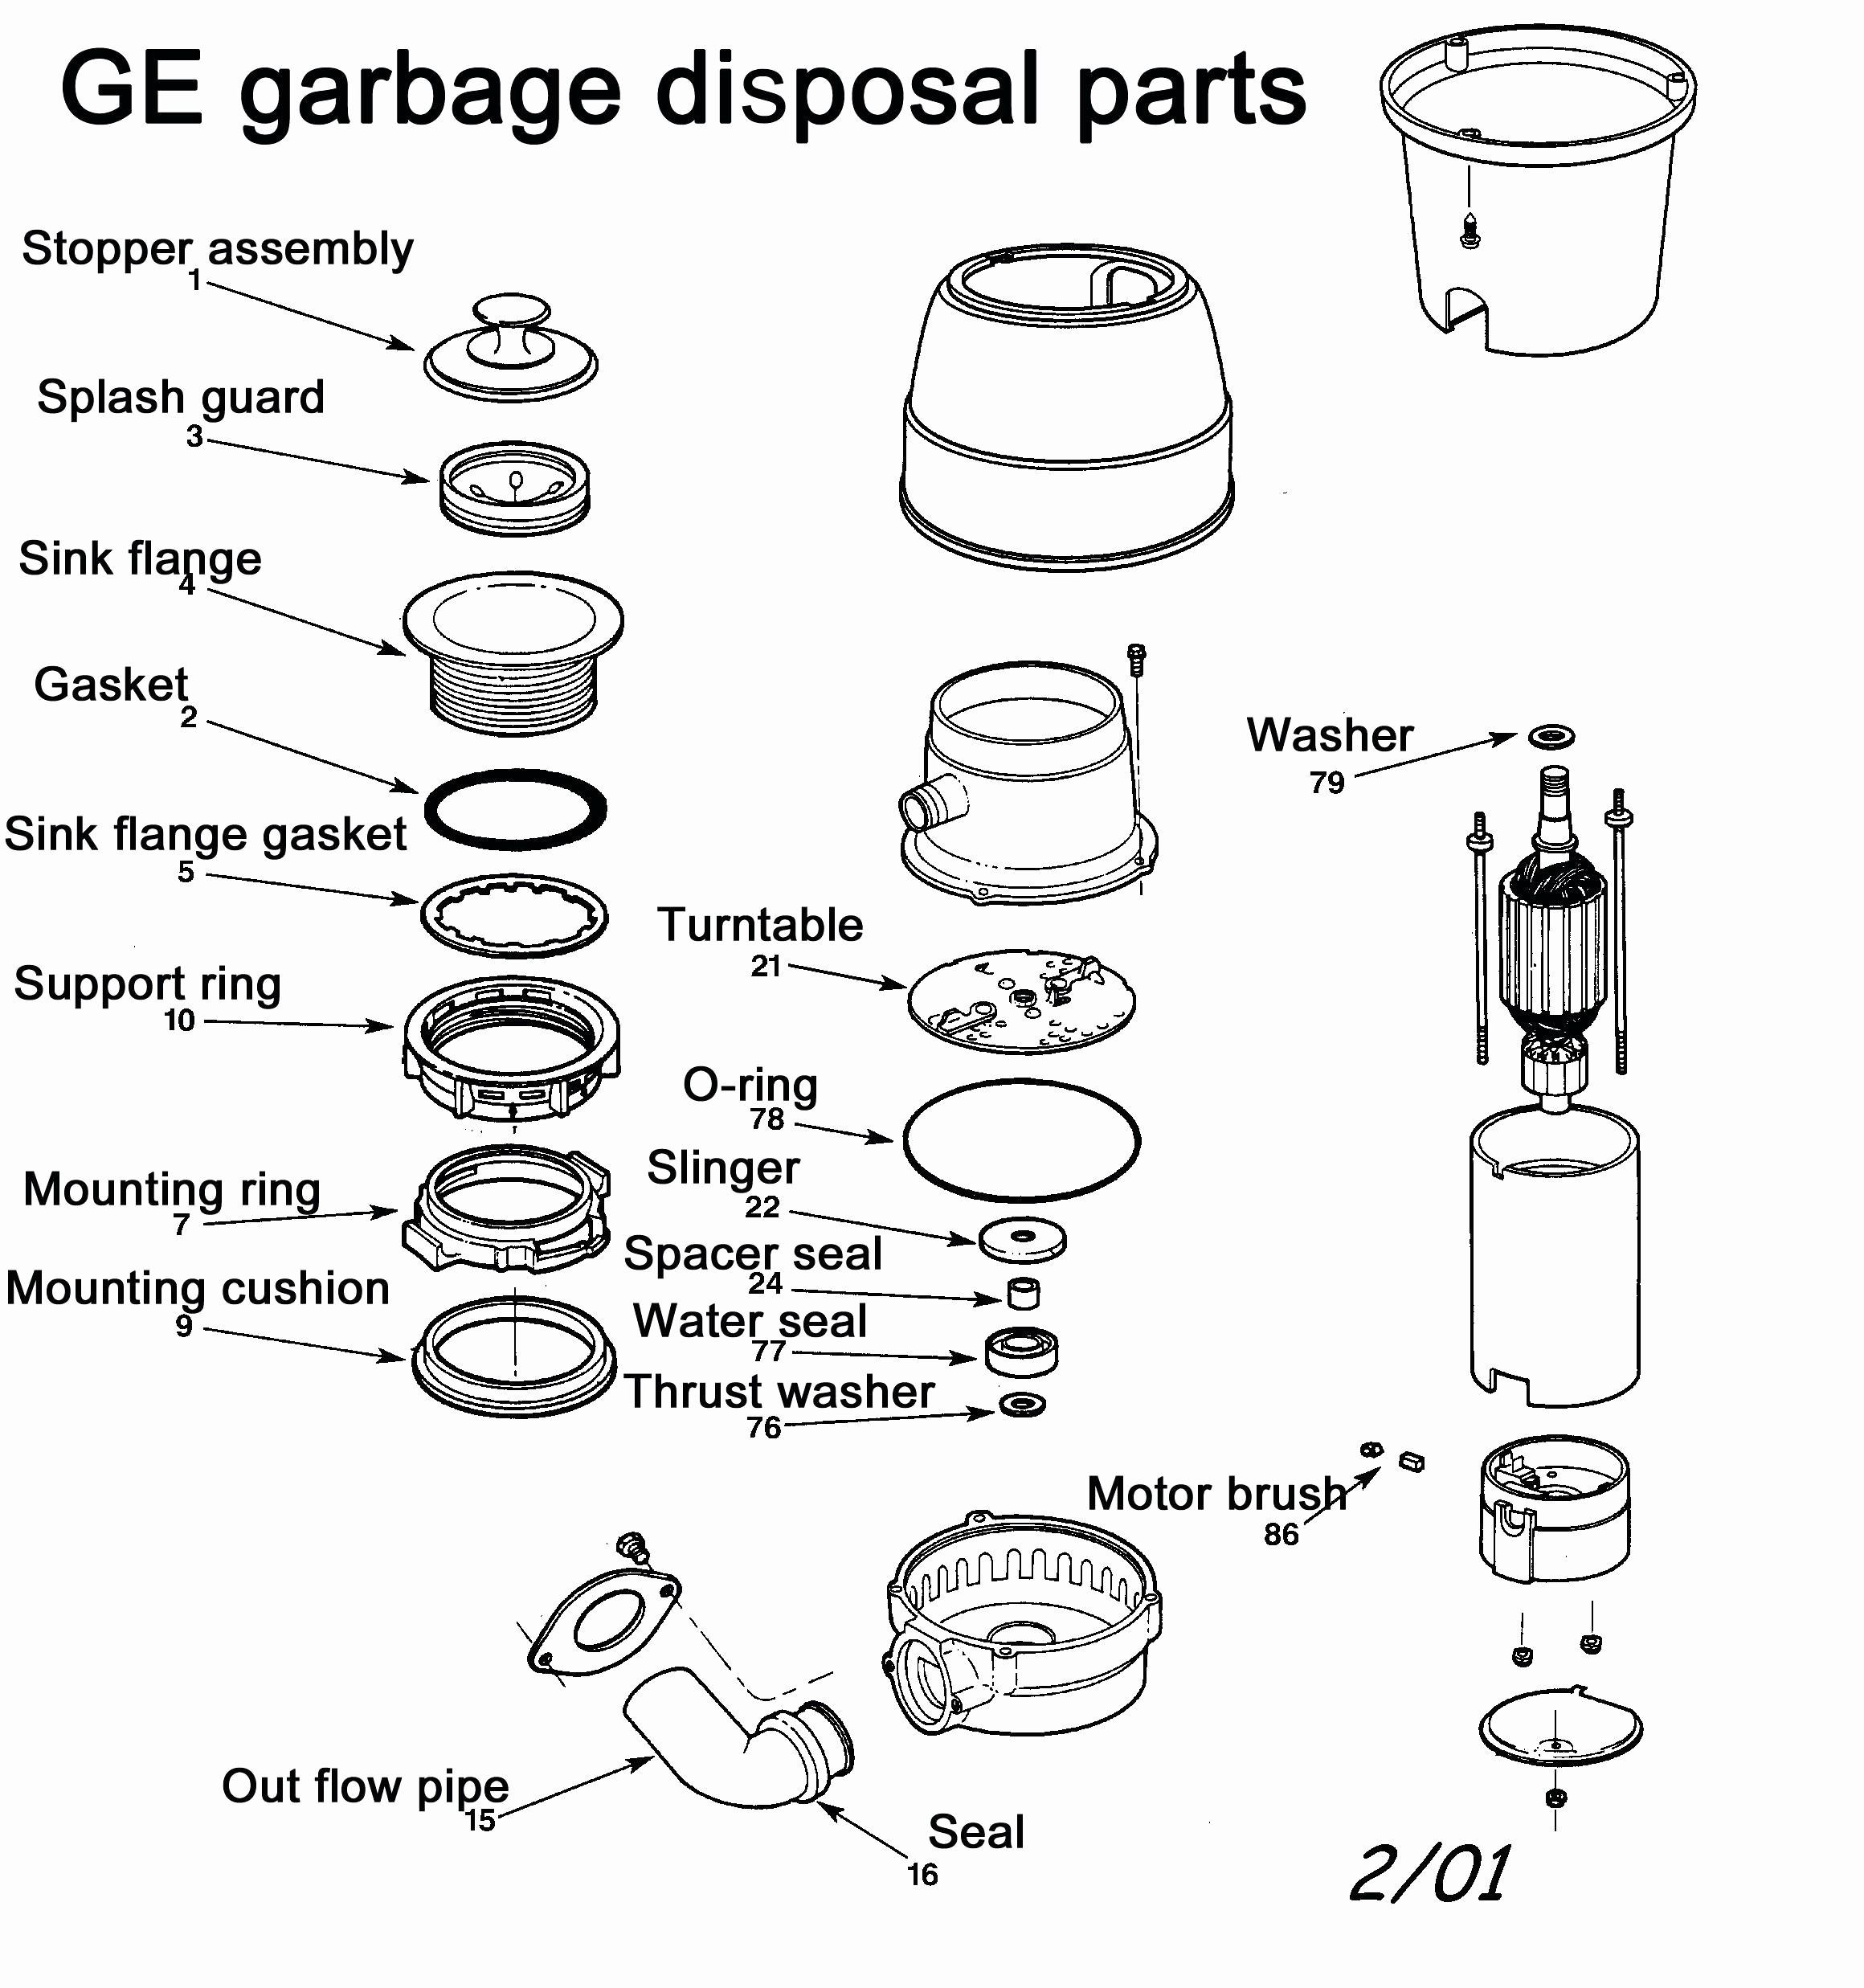 Garbage Disposal Parts Diagram Example Wiring Diagram for Garbage Disposal Edmyedguide24 Of Garbage Disposal Parts Diagram